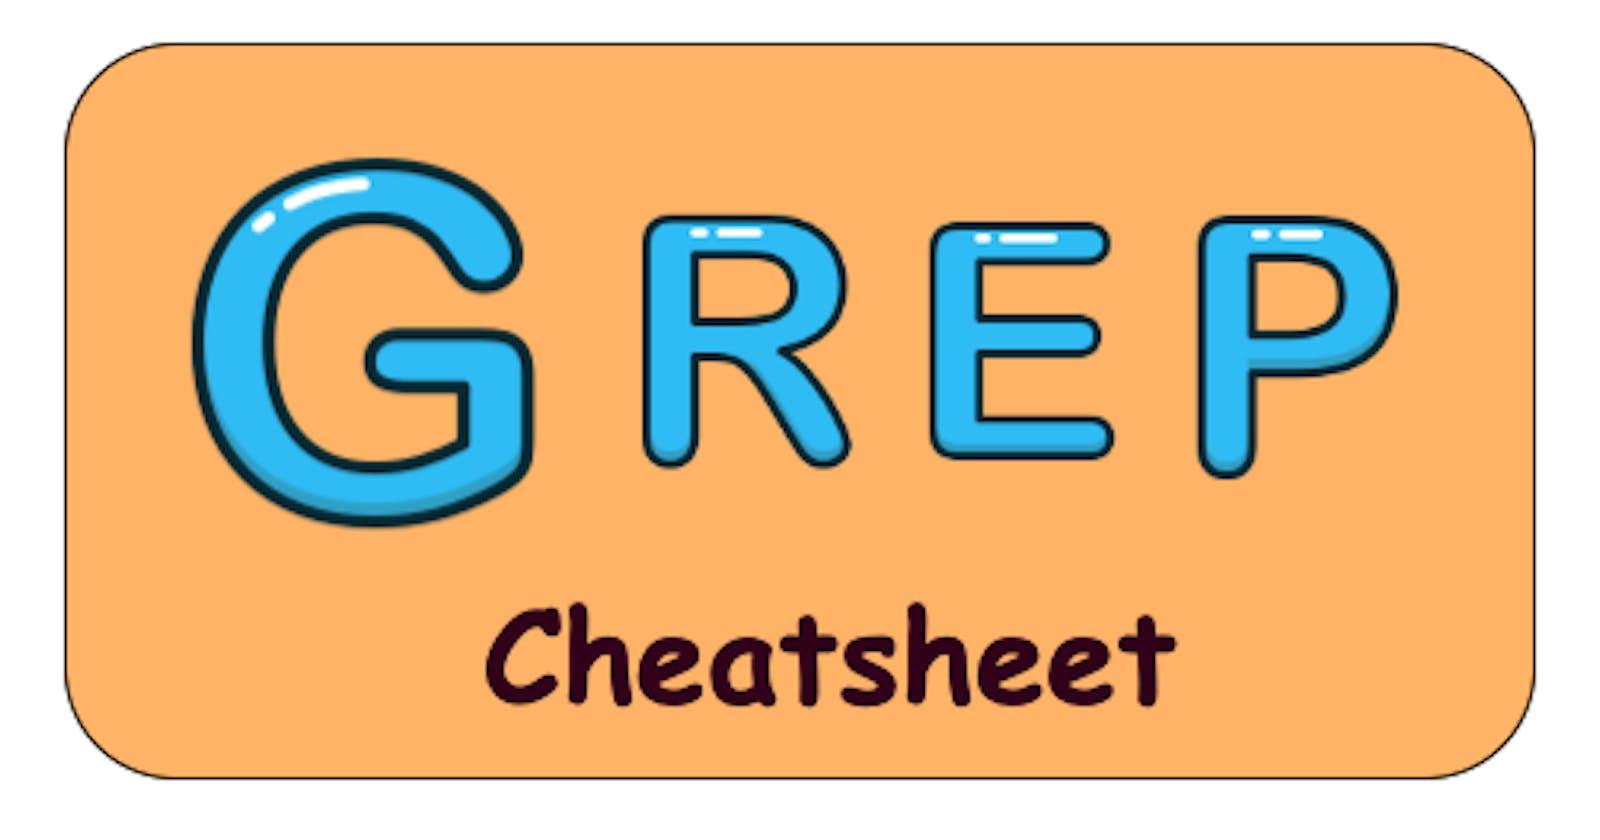 Grep cheatsheet